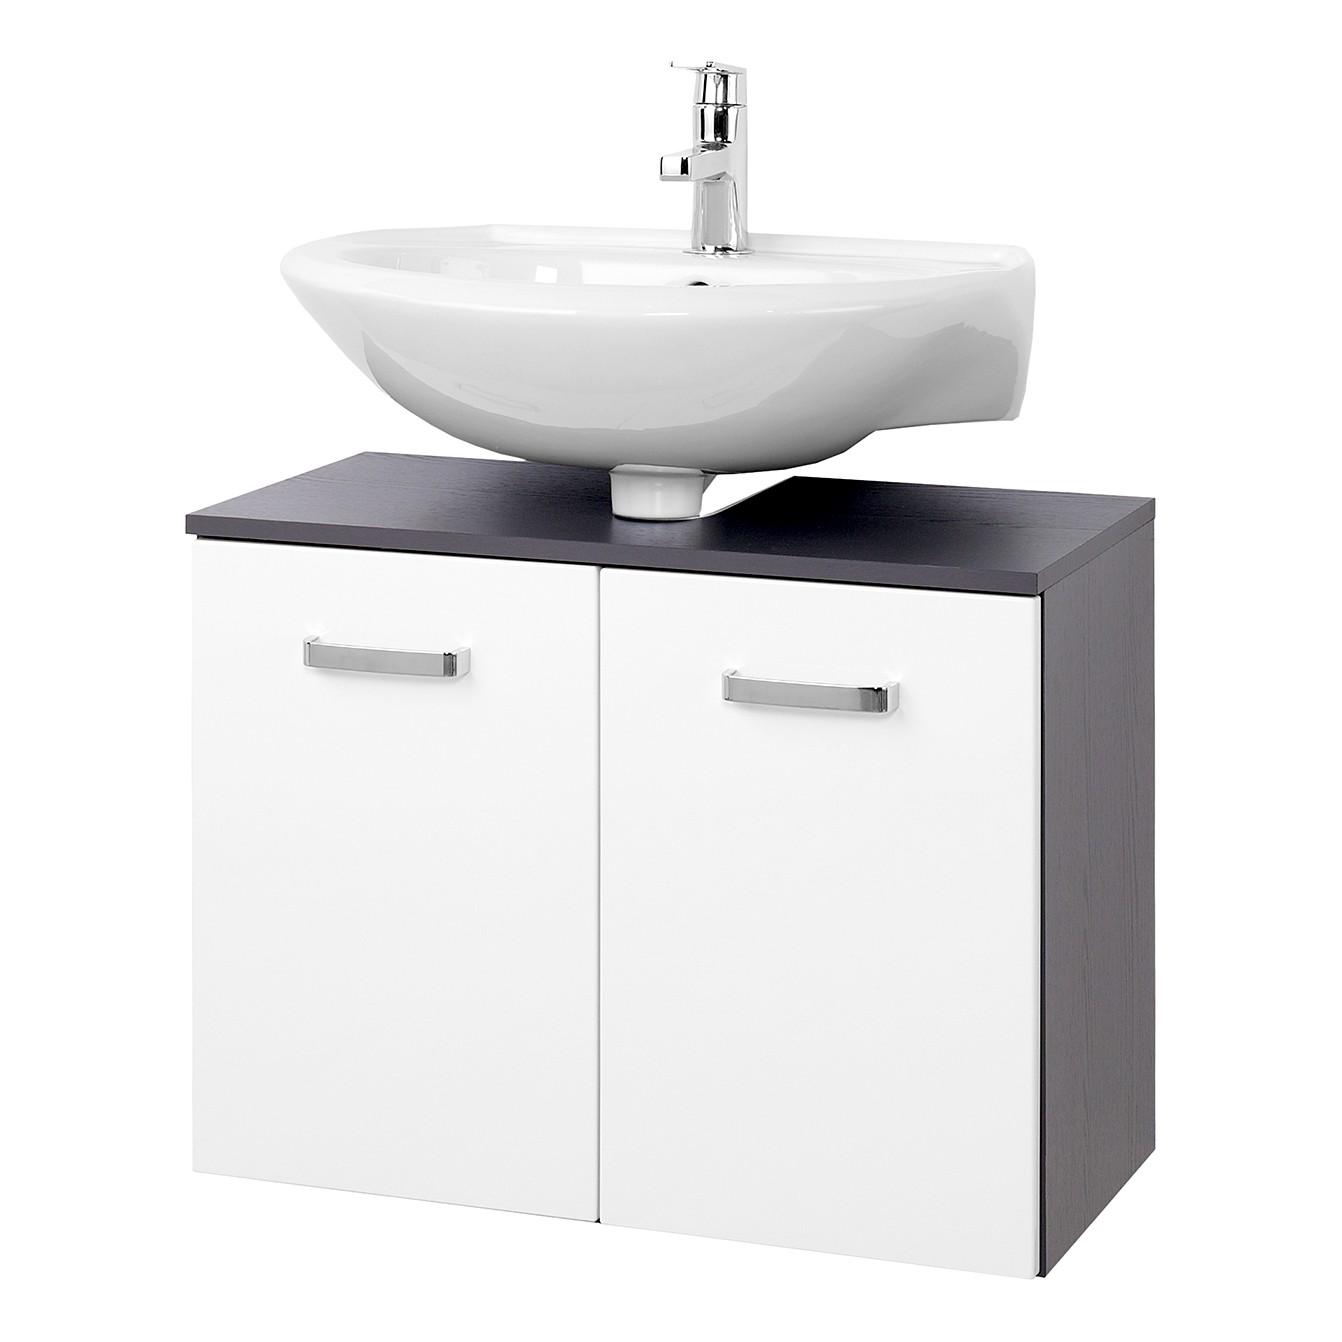 waschbeckenunterschrank 70 cm breit preisvergleiche. Black Bedroom Furniture Sets. Home Design Ideas